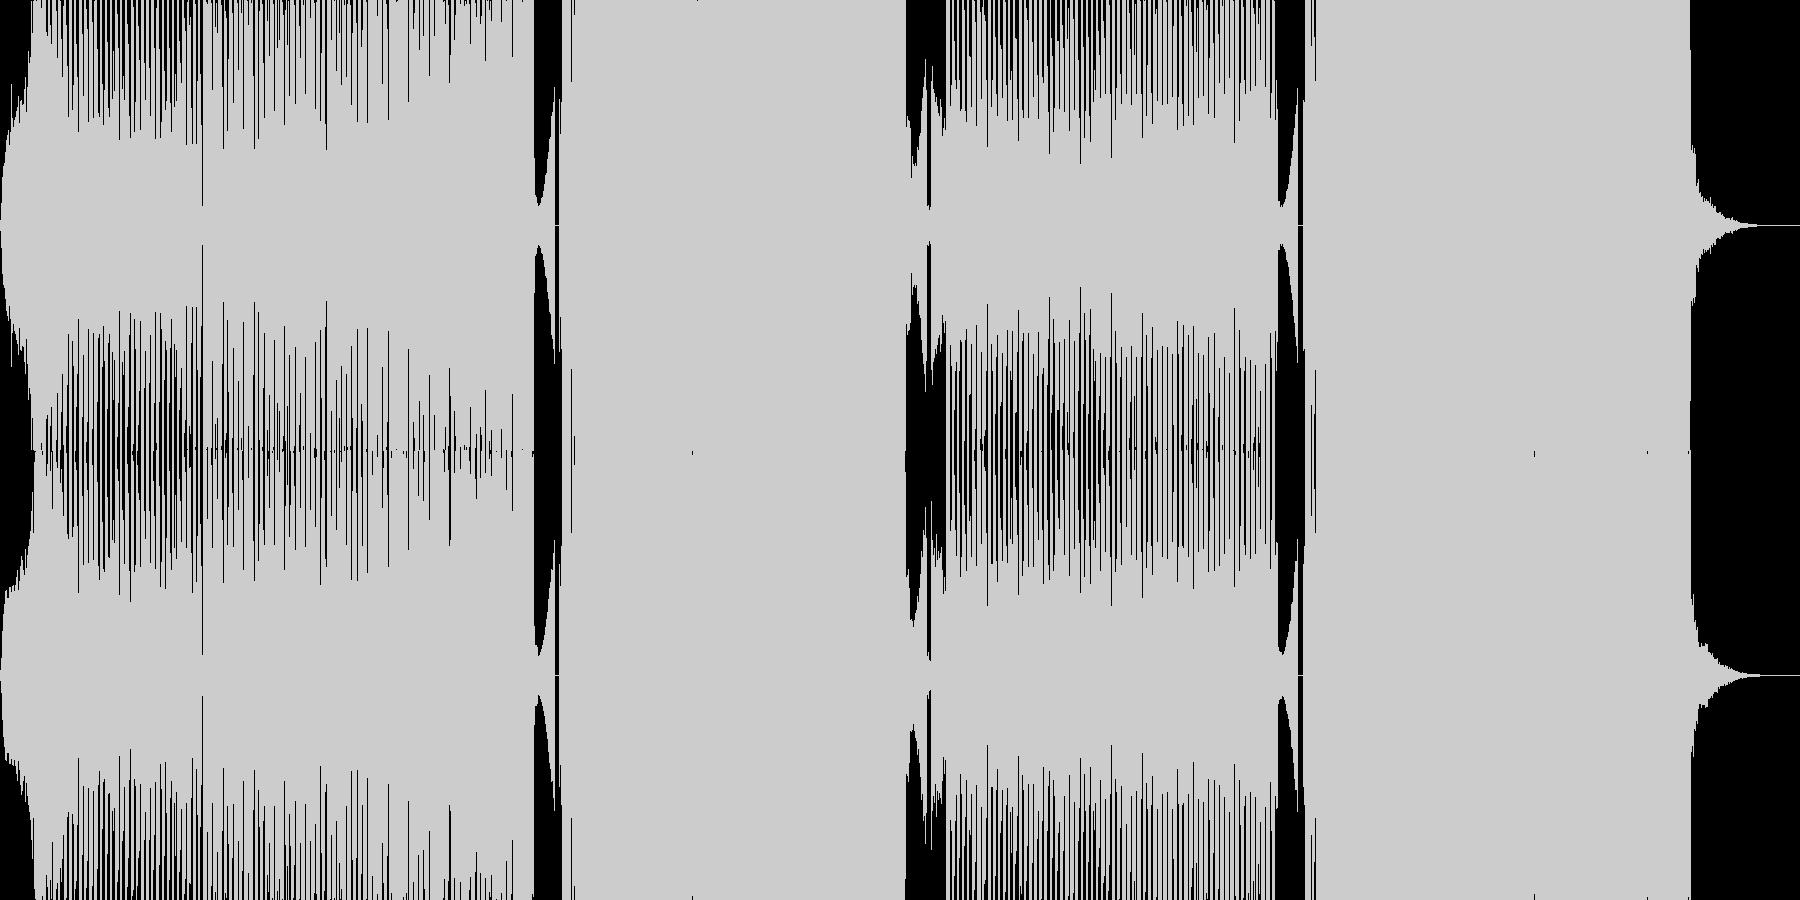 ライアーゲーム風テクノの未再生の波形